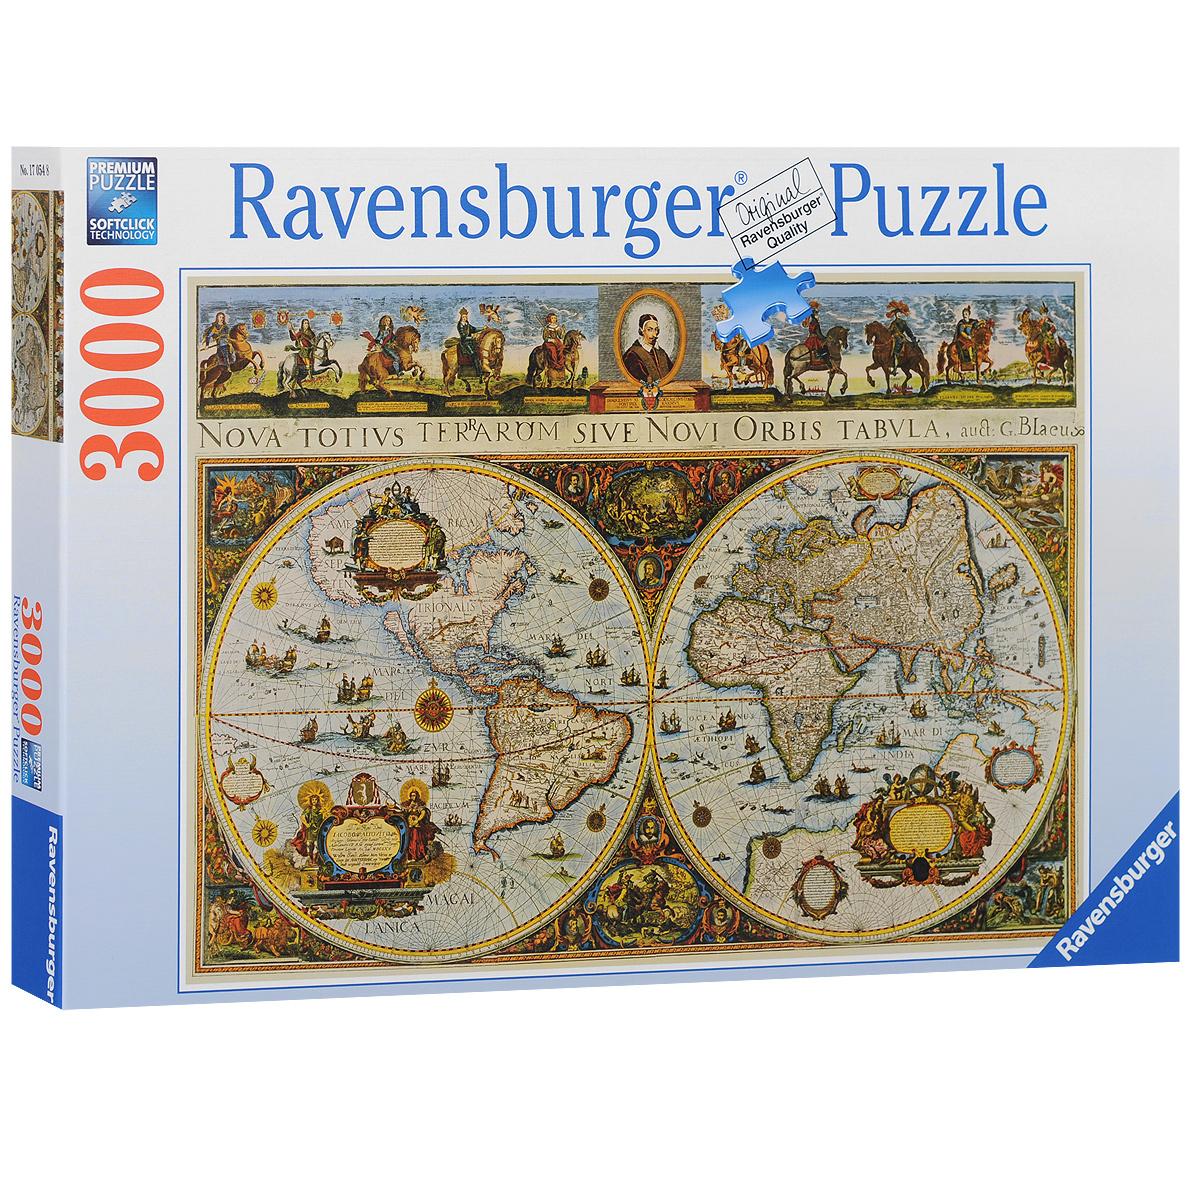 Ravensburger Историческая карта. Пазл, 3000 элементов